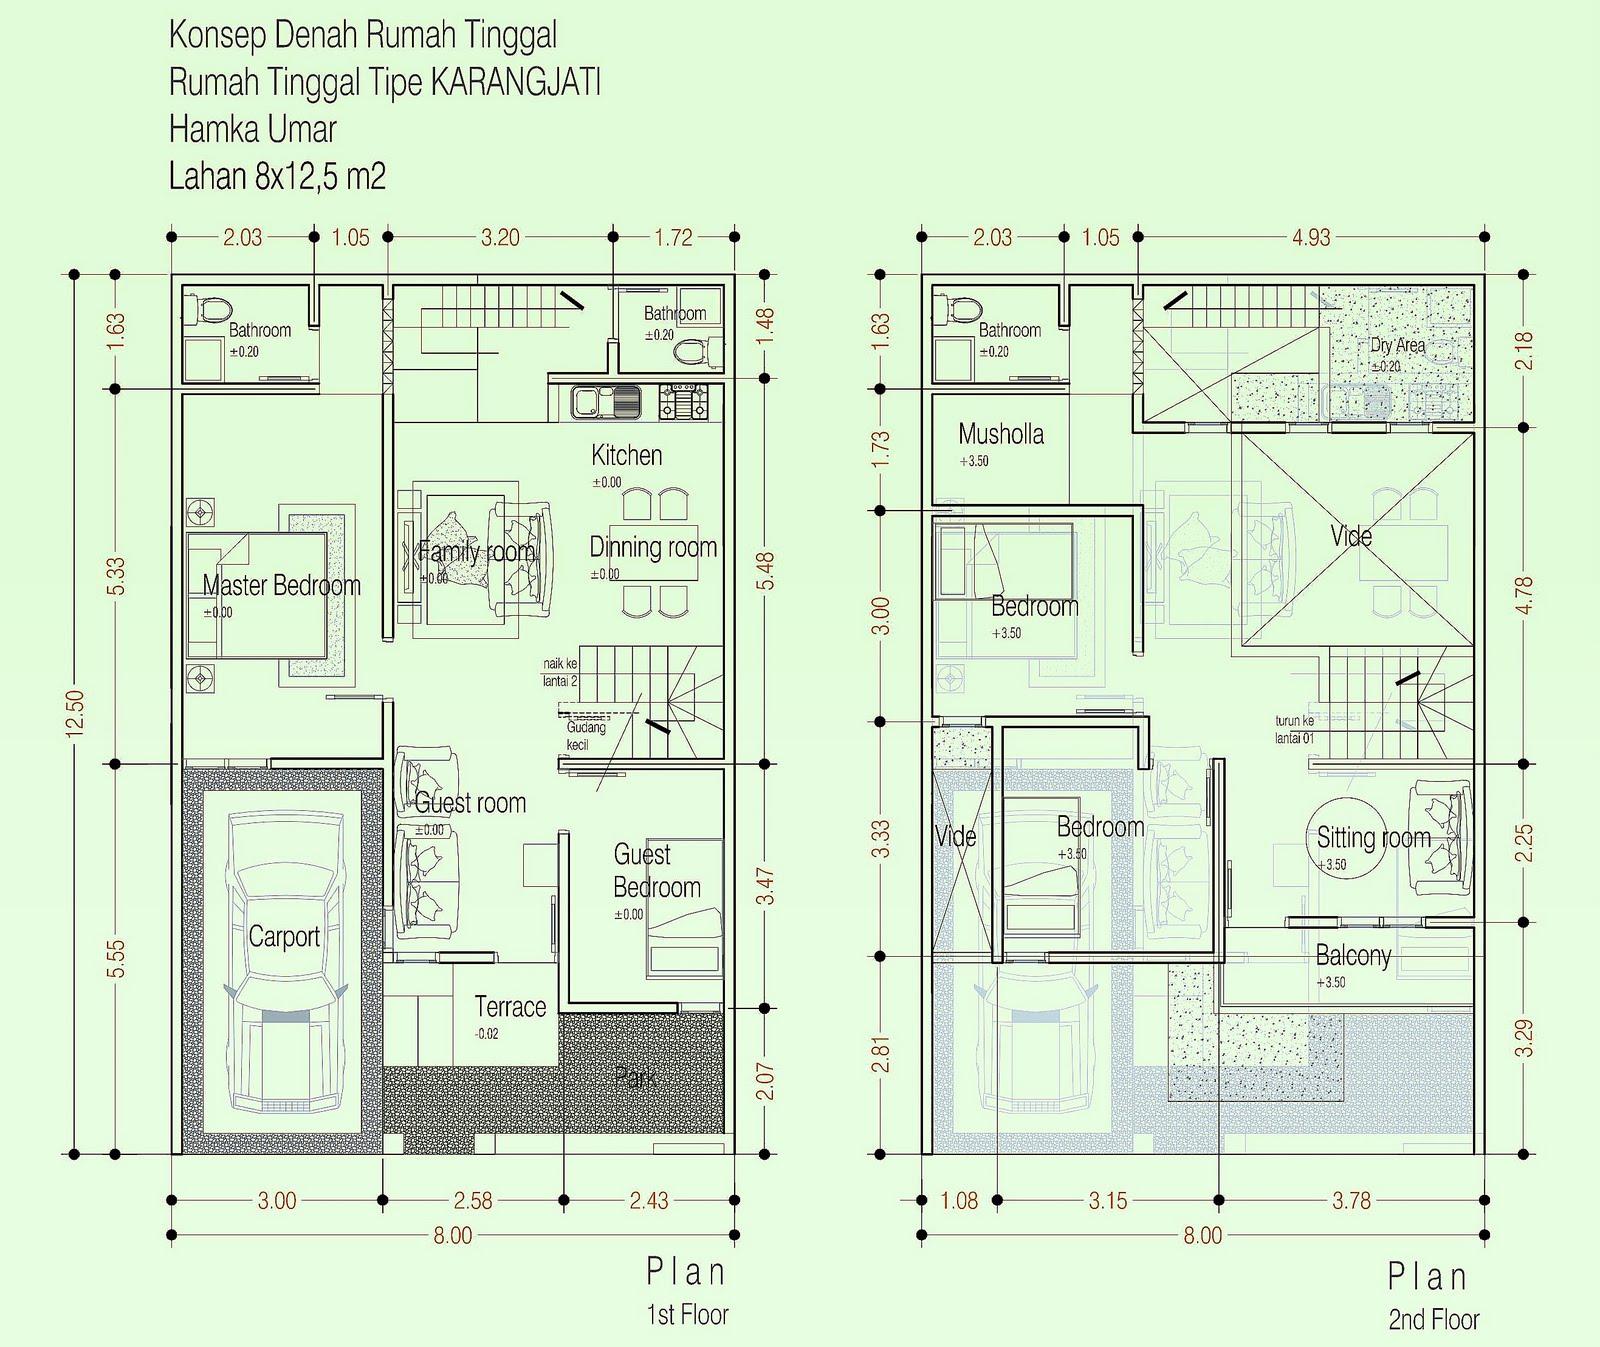 102 Gambar Rumah Minimalis 2 Lantai Ukuran 7x10 Gambar Desain